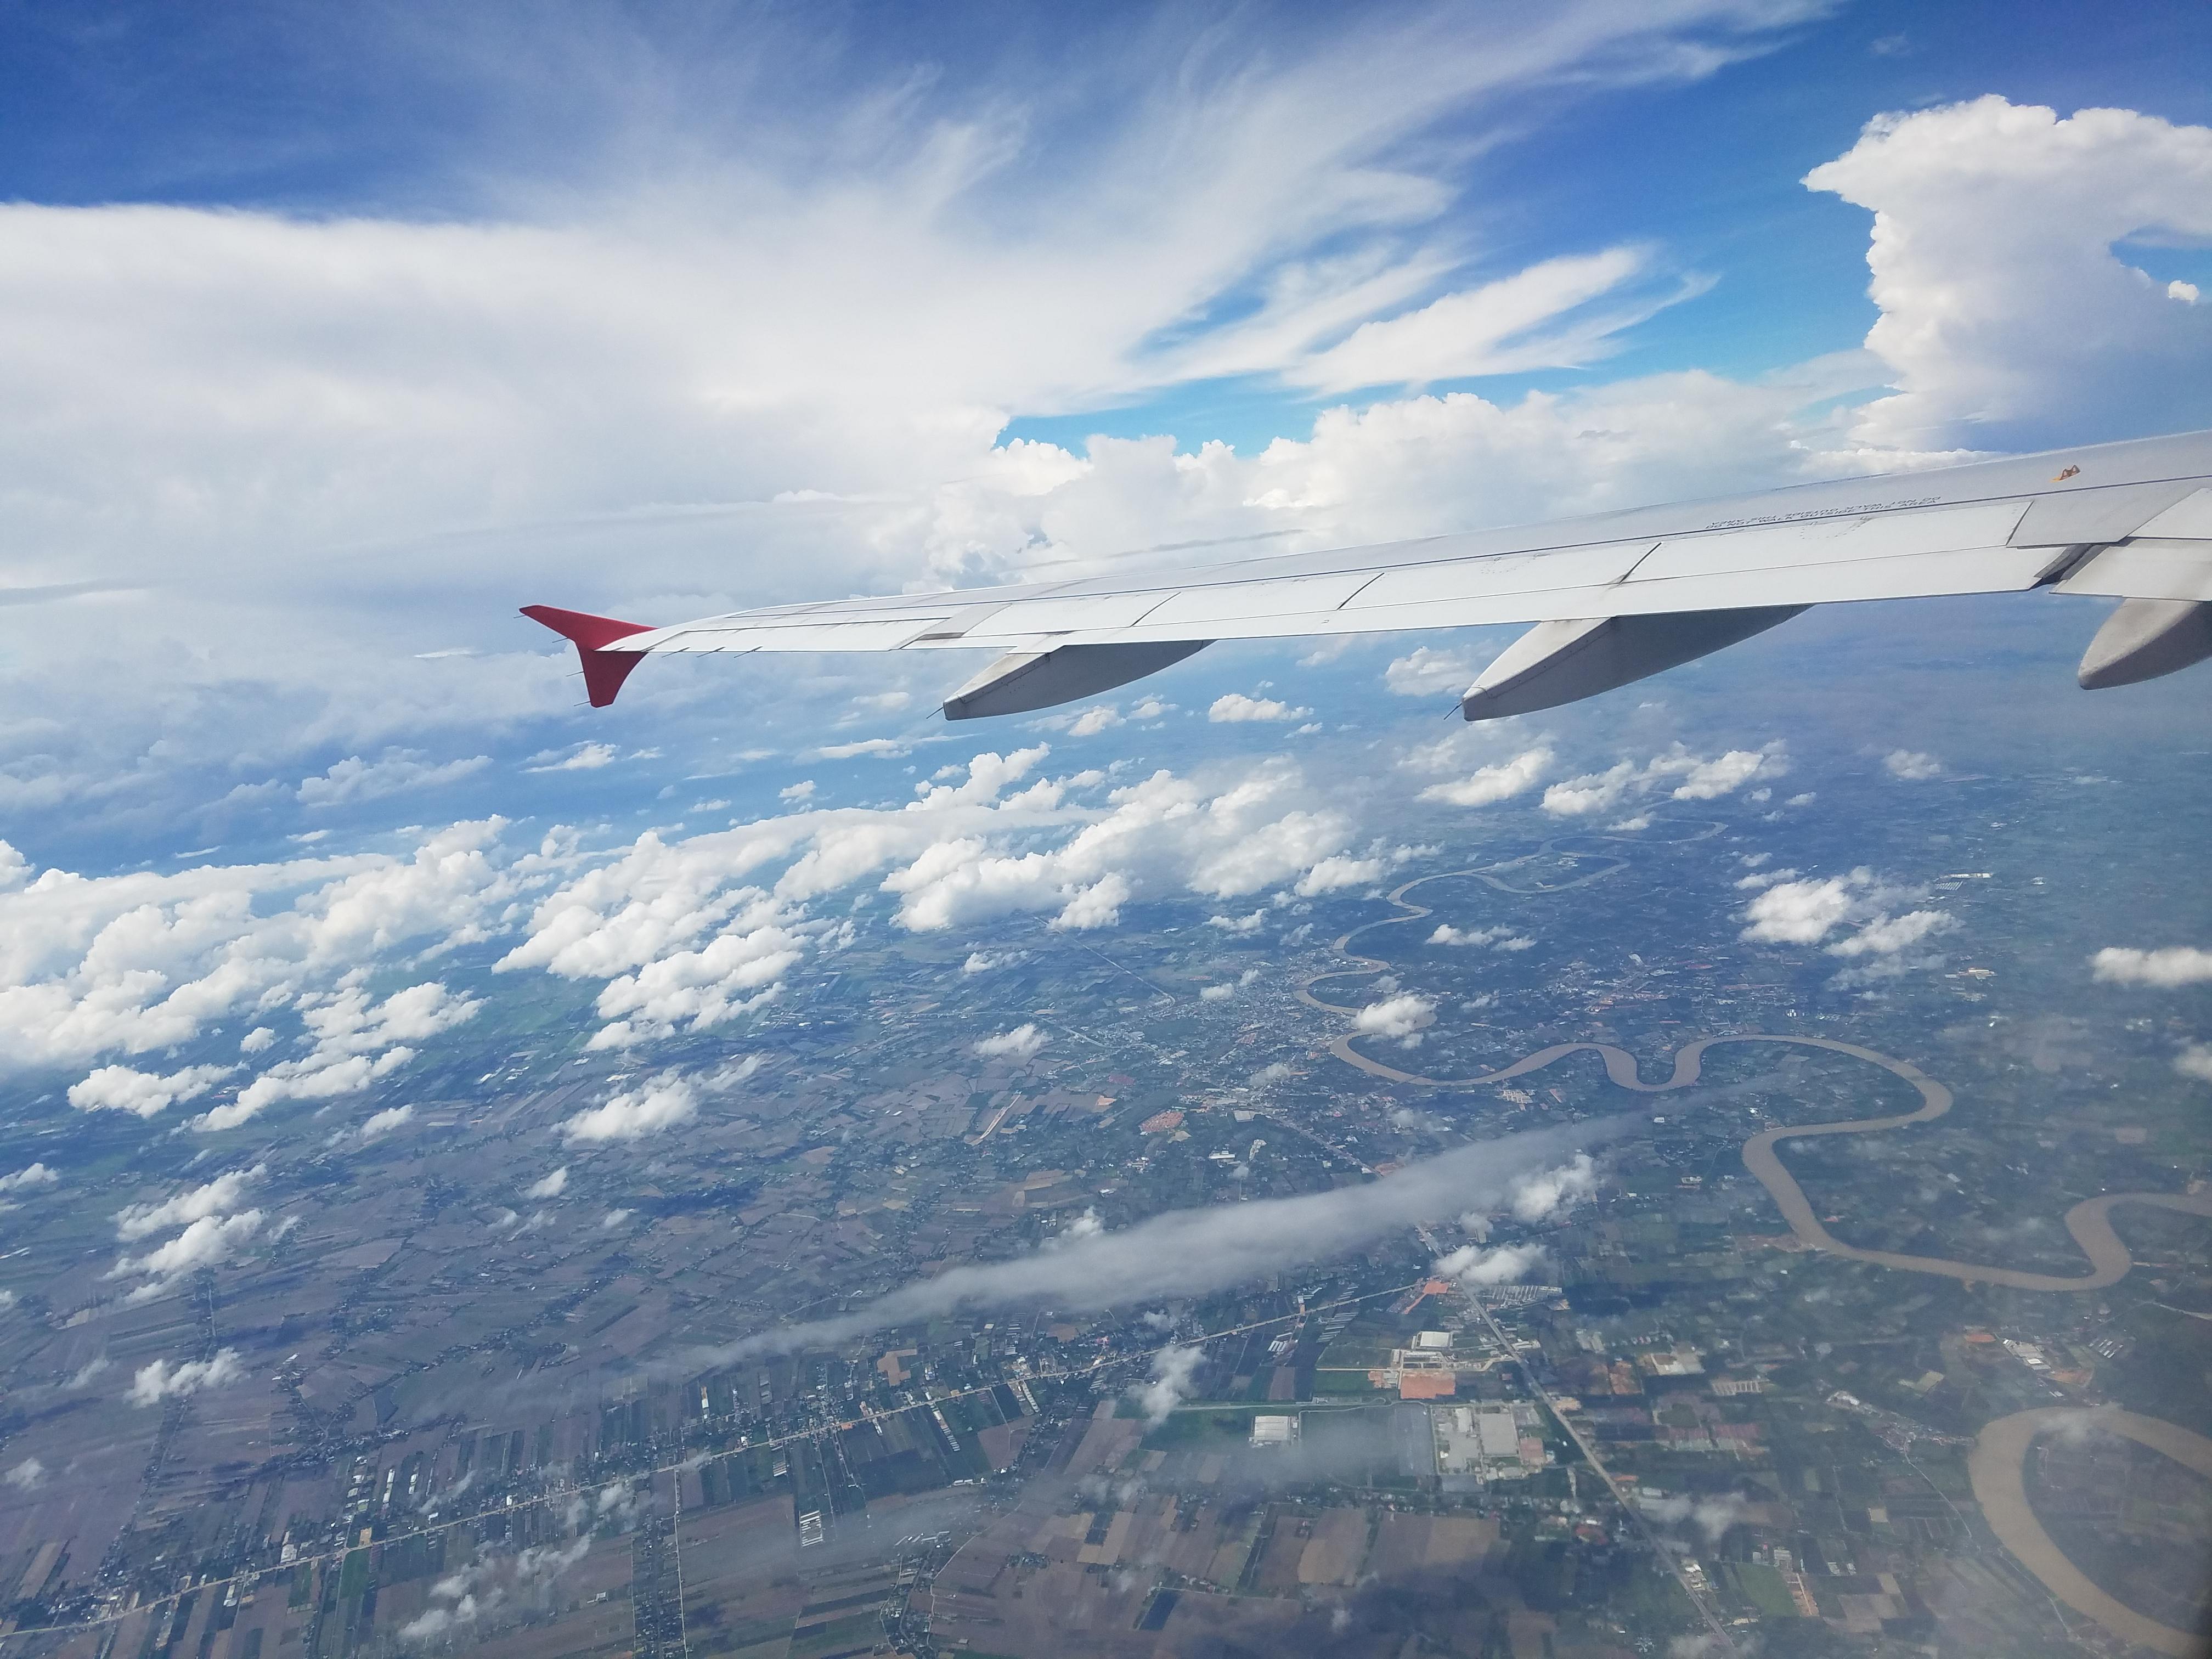 bangkok to phuket by plane